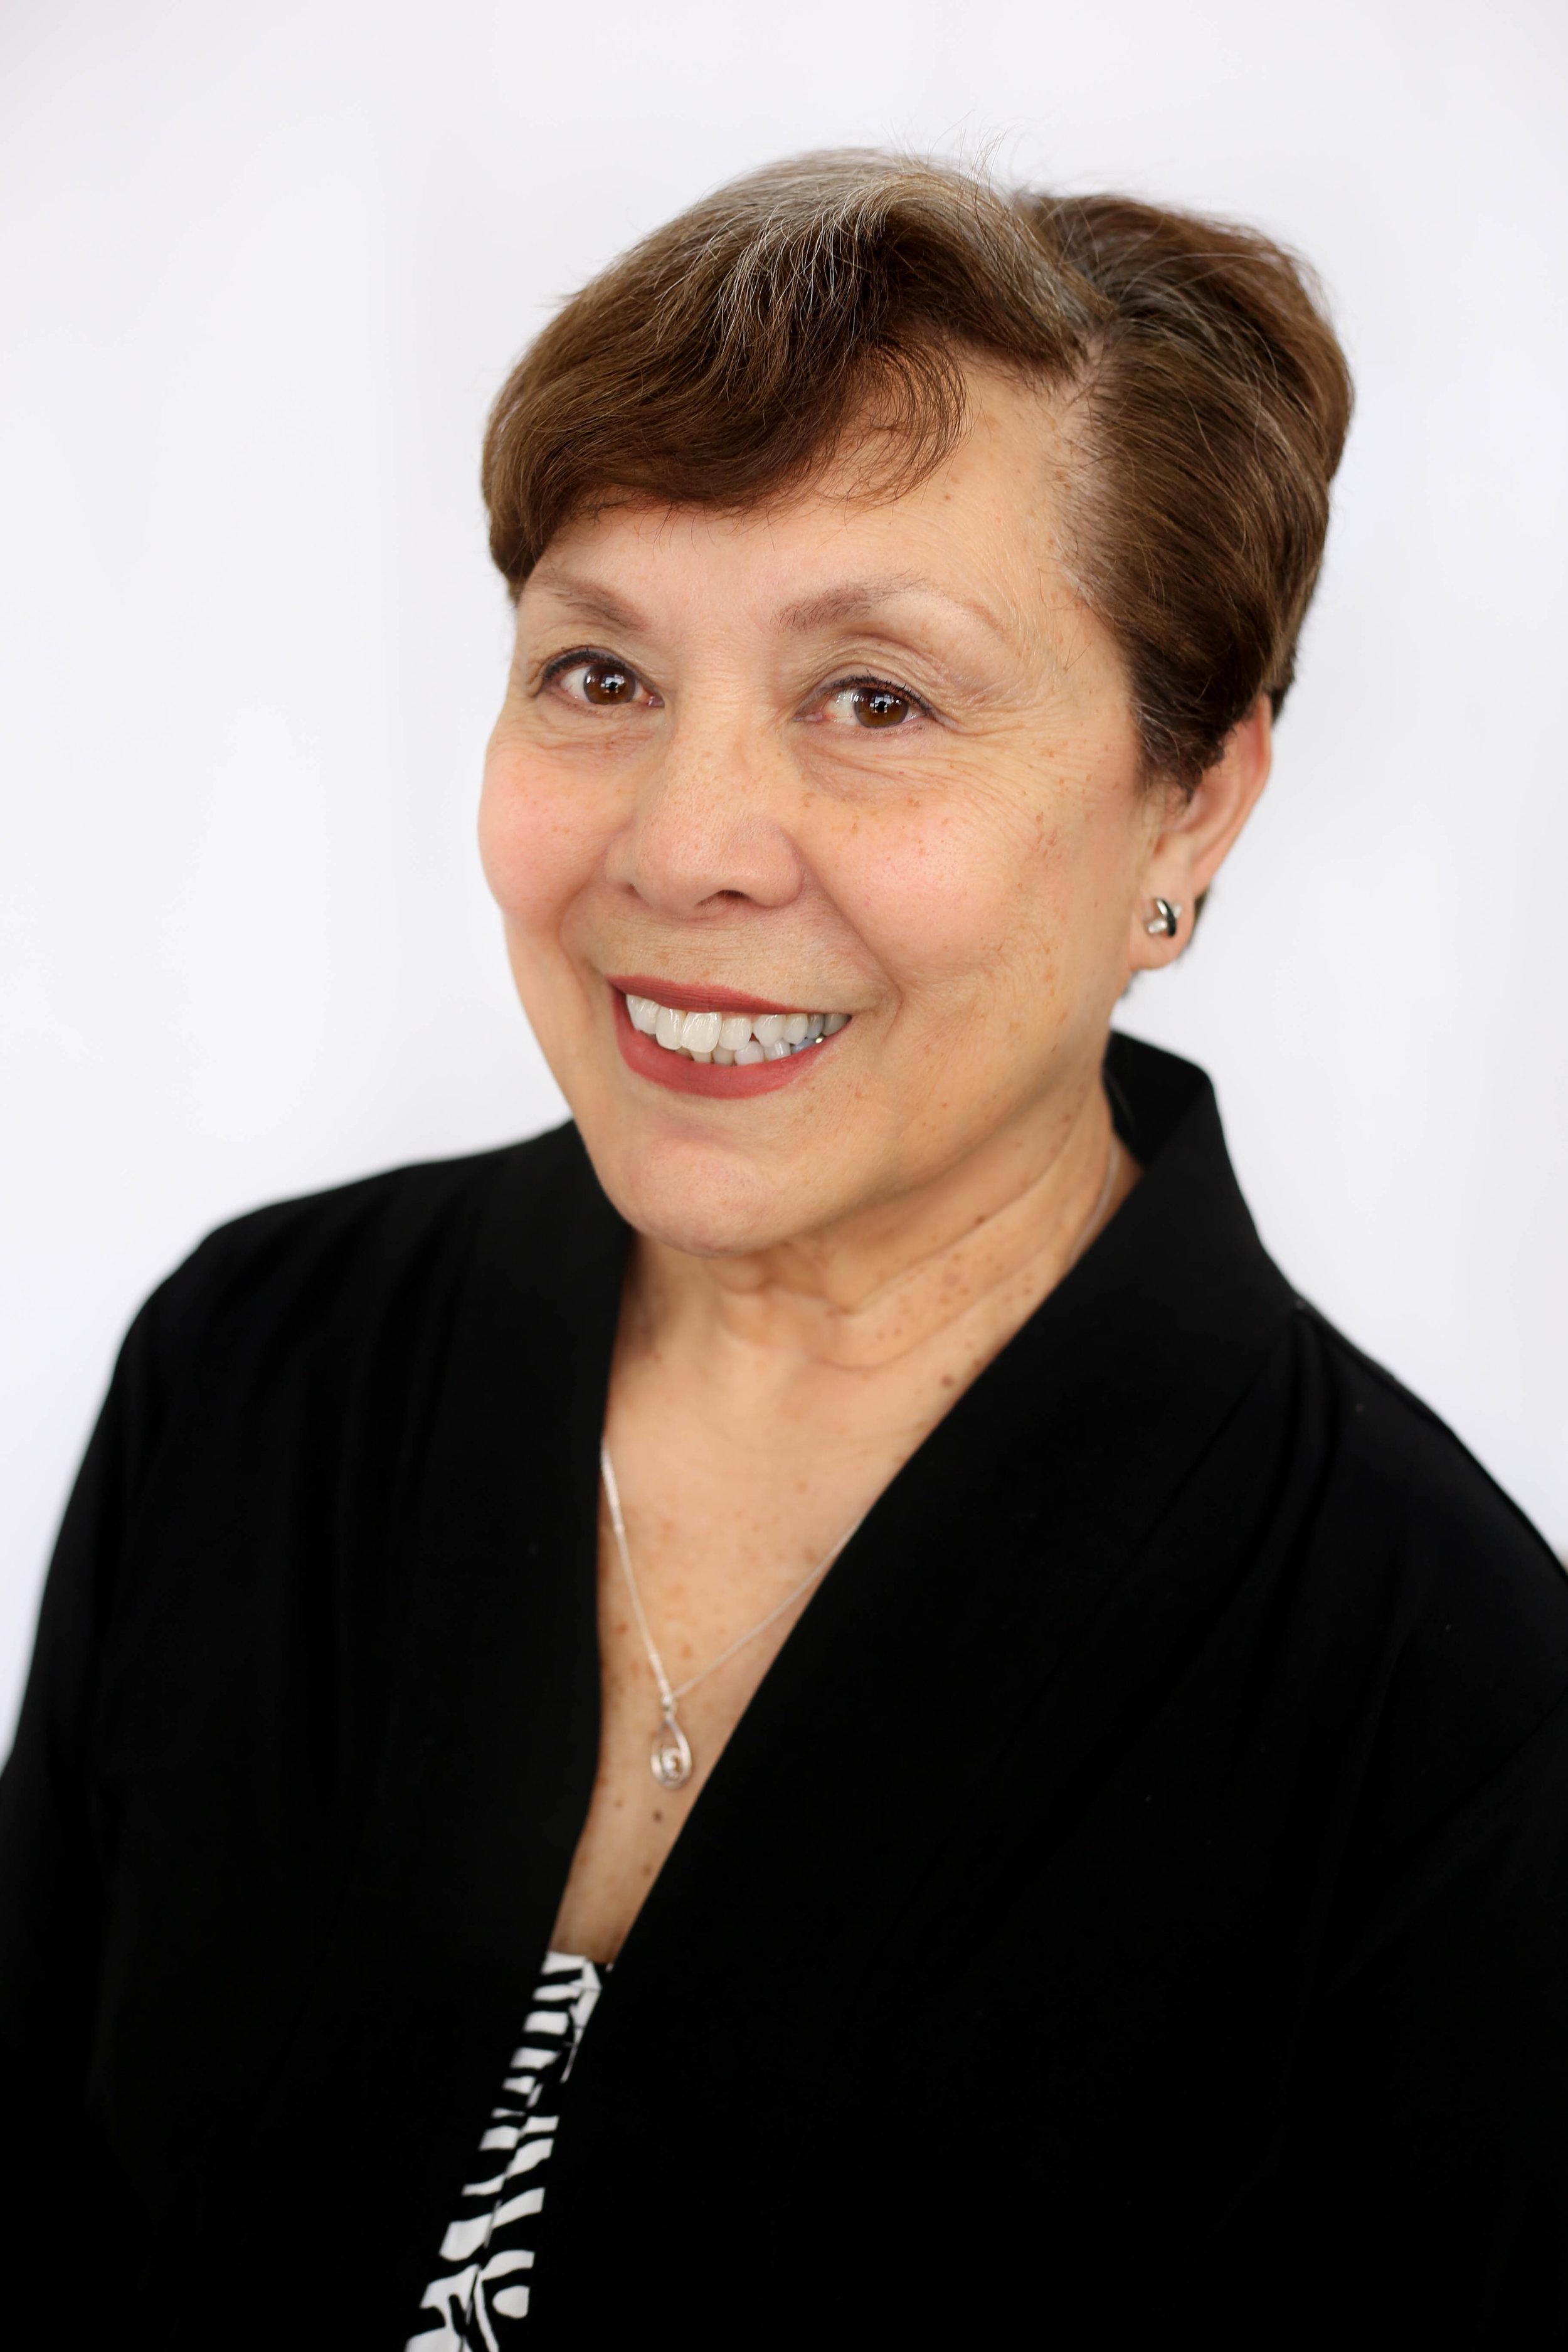 Ann Basinger